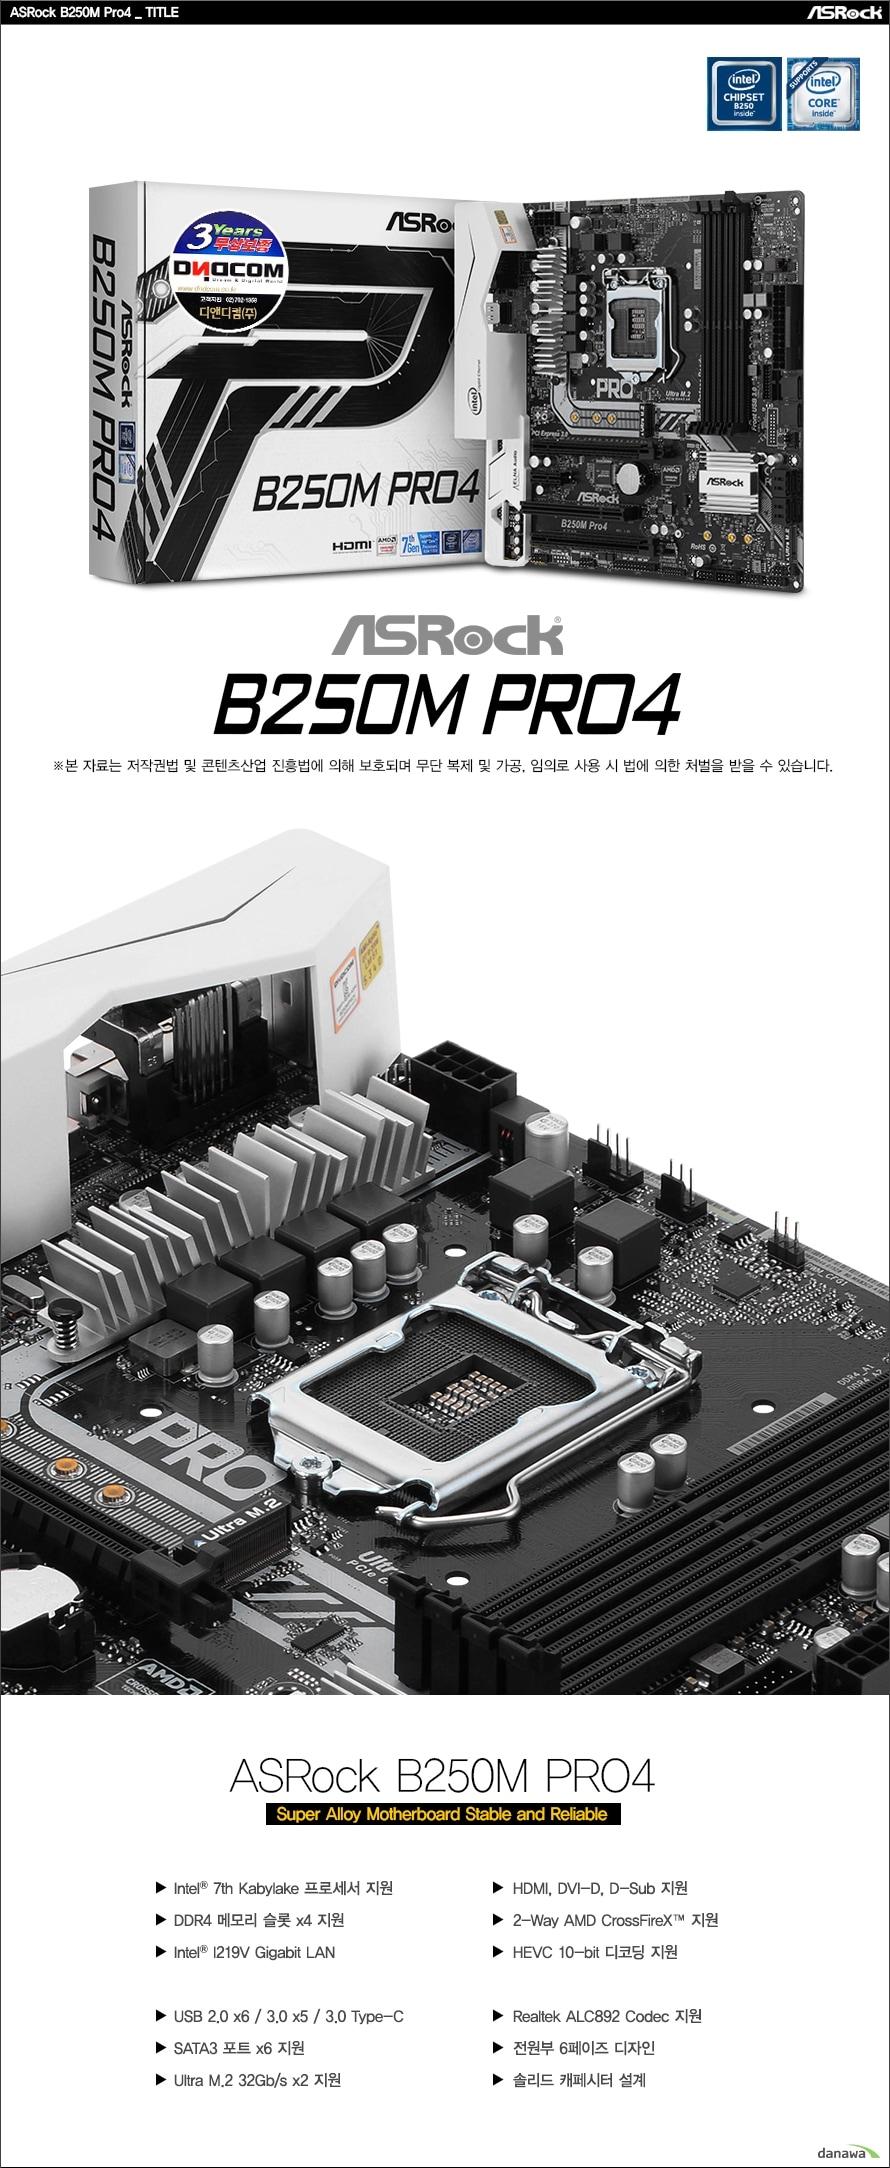 타이틀Intel 7th Kabylake 프로세서 지원 DDR4 메모리 슬롯 x4 지원 Intel I219V Gigabit LANUSB 포트 2.0 x6 / 3.0 x6 지원SATA3 포트 x6 지원Ultra M.2 32Gb/s x2 지원HDMI, DVI-D, D-Sub 지원2-Way AMD CrossFireX 지원HEVC 10-bit 디코딩 지원 Realtek ALC892 Codec 지원전원부 6페이즈 디자인솔리드 캐페시터 설계